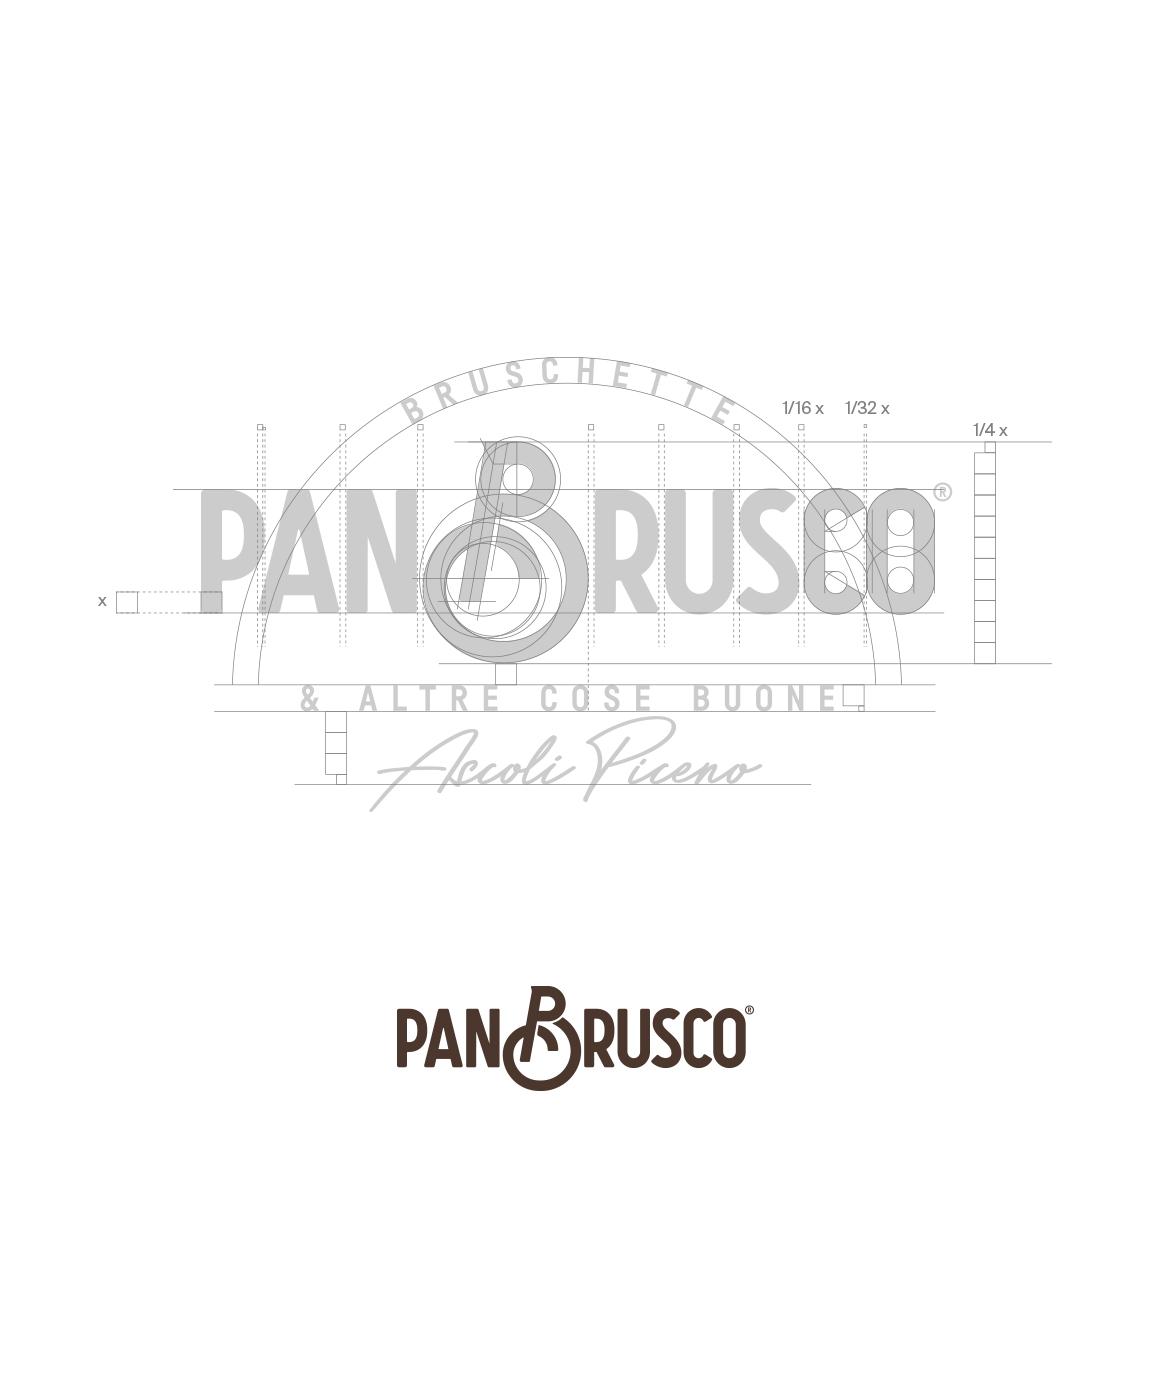 PANBRUSCO_LOGO_02